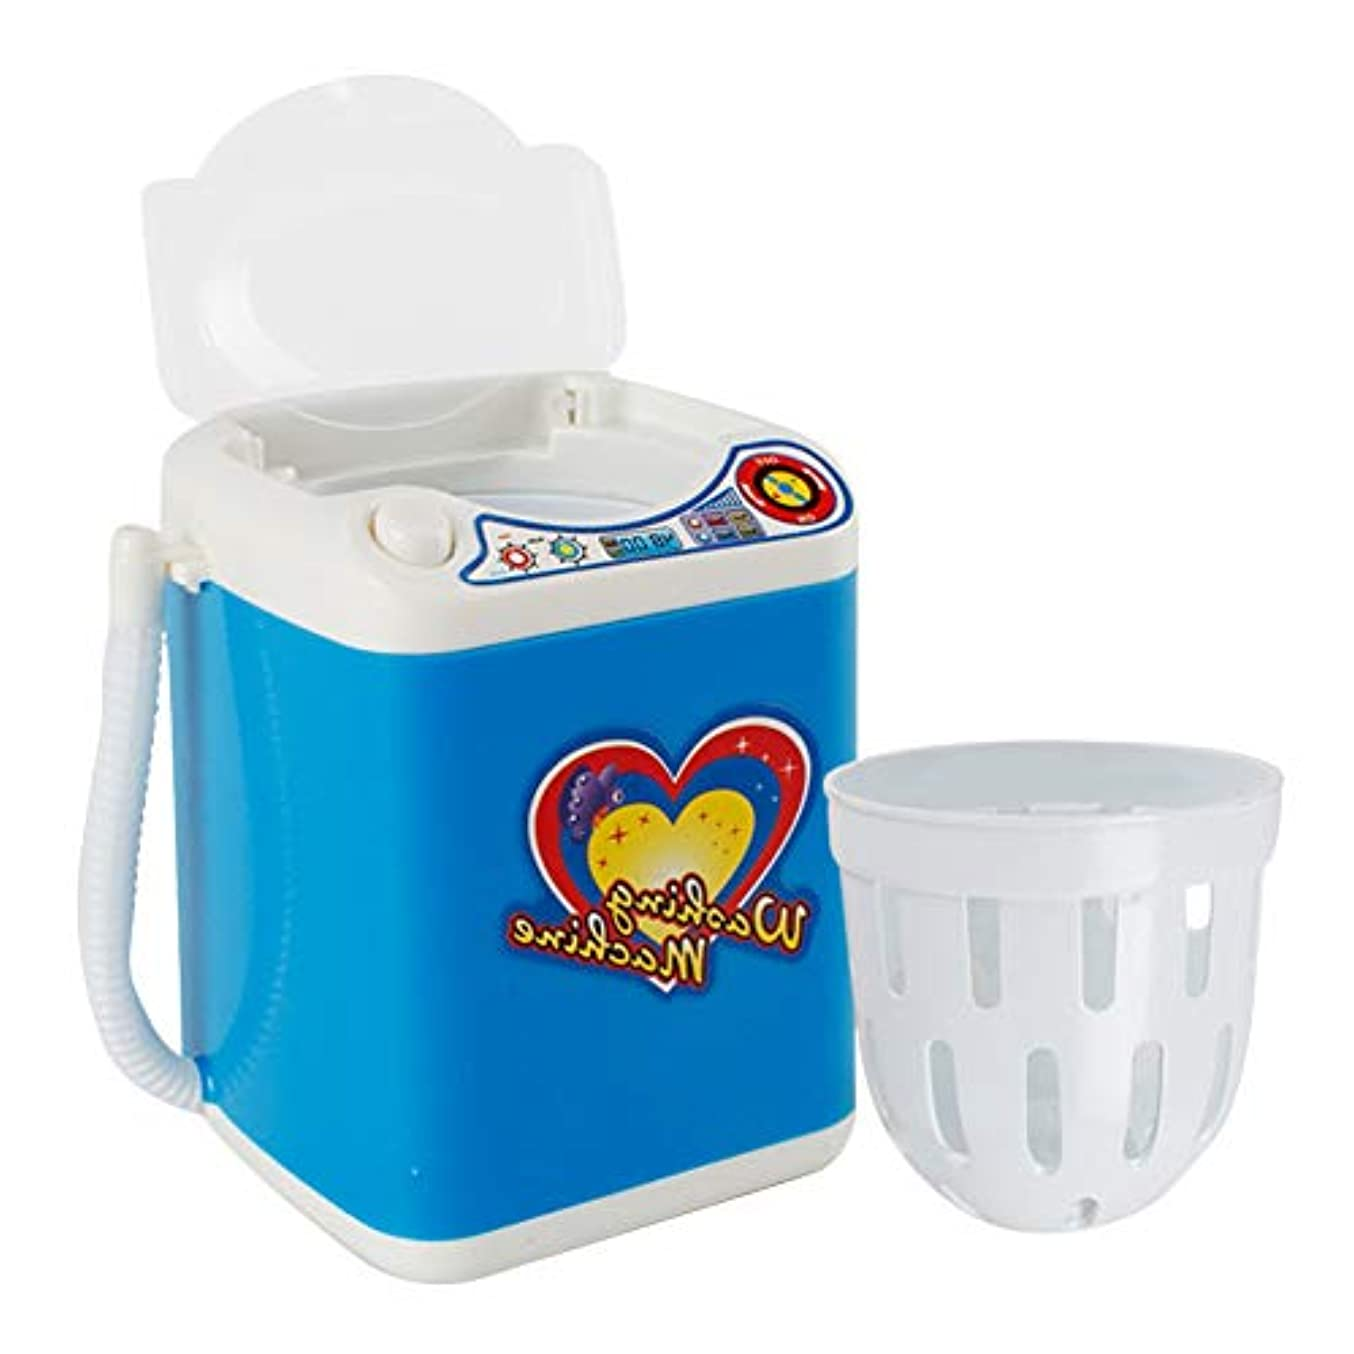 ミス毎週残基洗濯機丈夫なクリーニング子供家具玩具ポータブル自動回転ミニ電気ふりプレイ電池式ランドリー排水バスケット化粧ブラシ(ブルー)